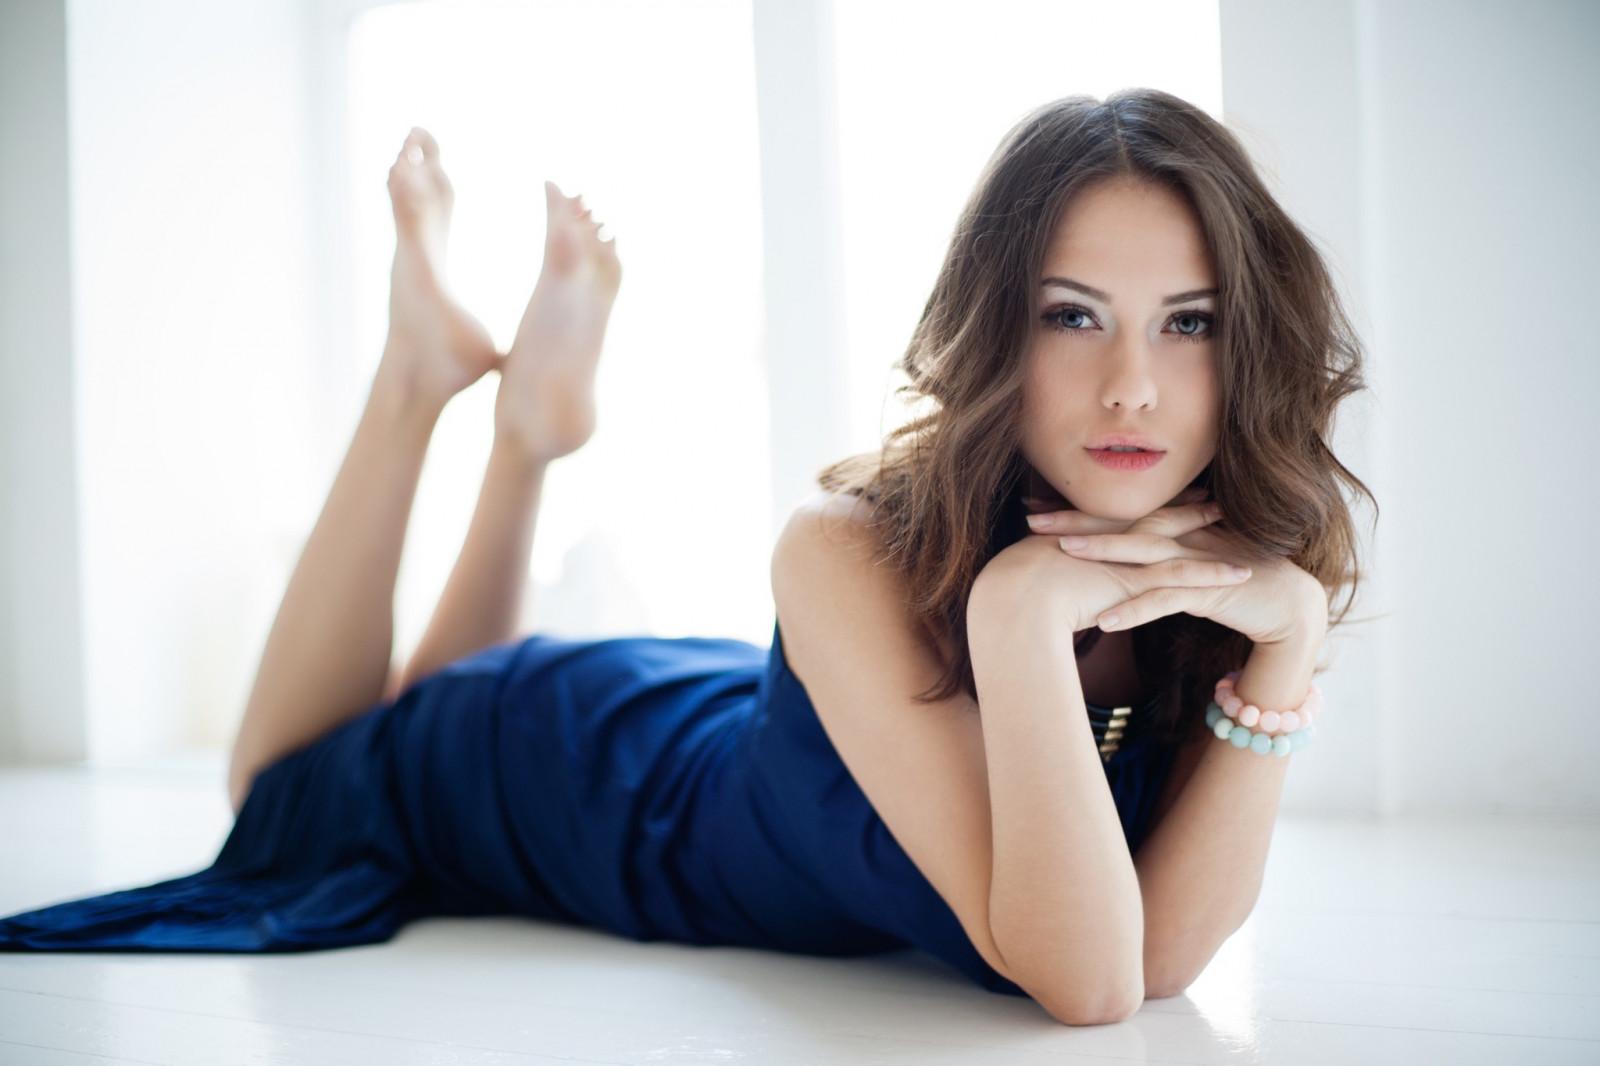 Смотреть фото максим, Фото голых знаменитостей из журнала Максим без цензуры 20 фотография